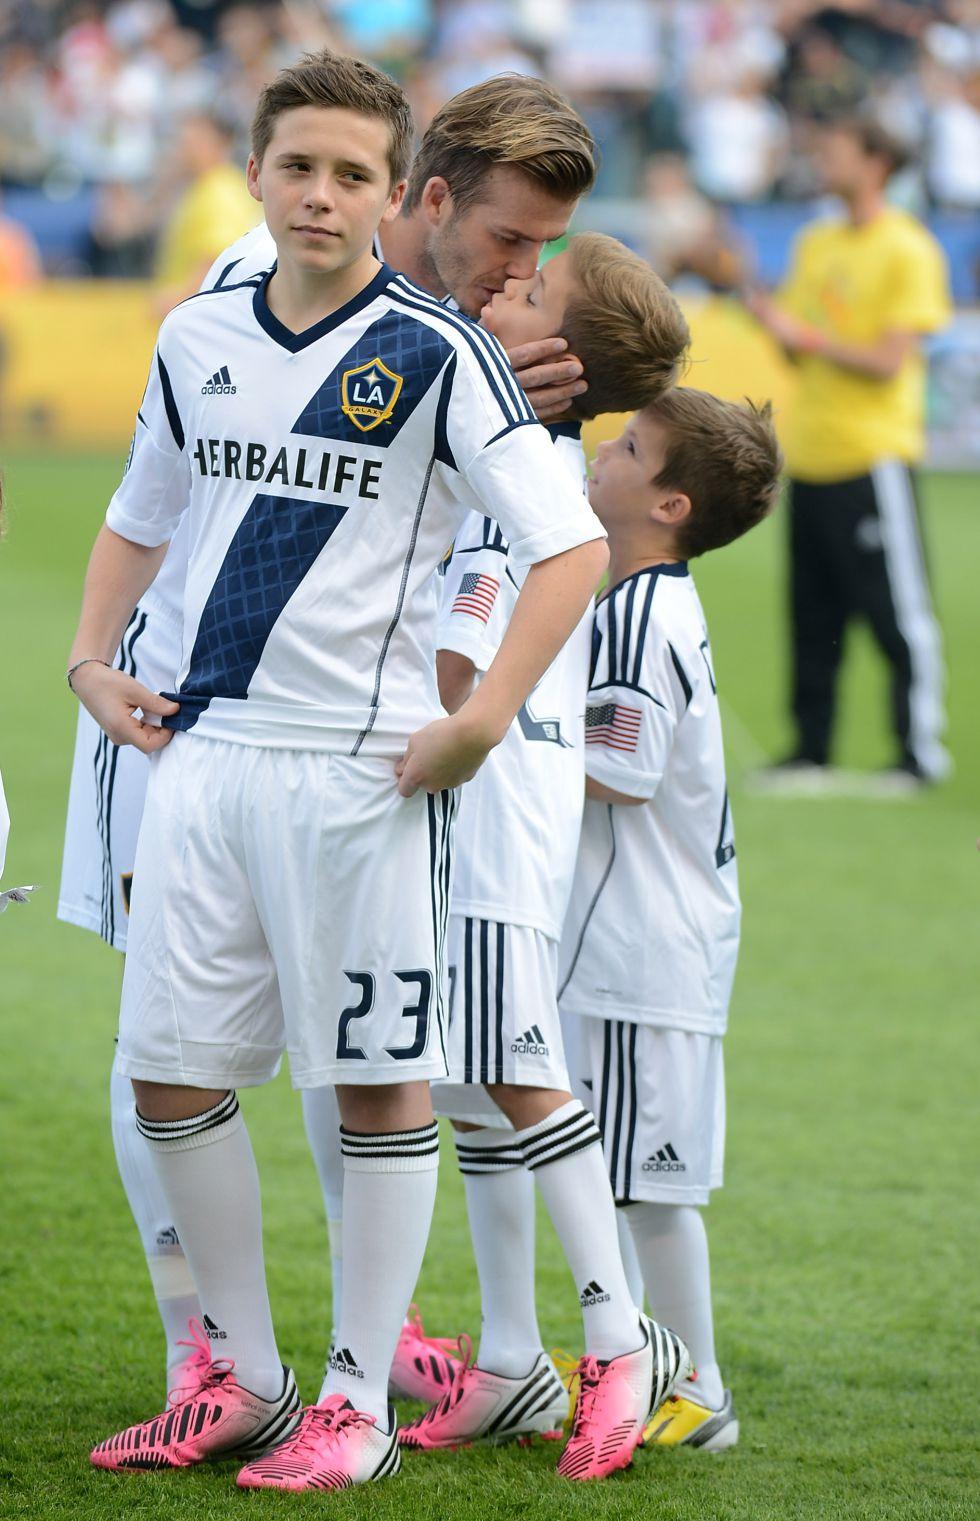 El hijo mayor de Beckham ficha por el Arsenal con 15 años - AS.com